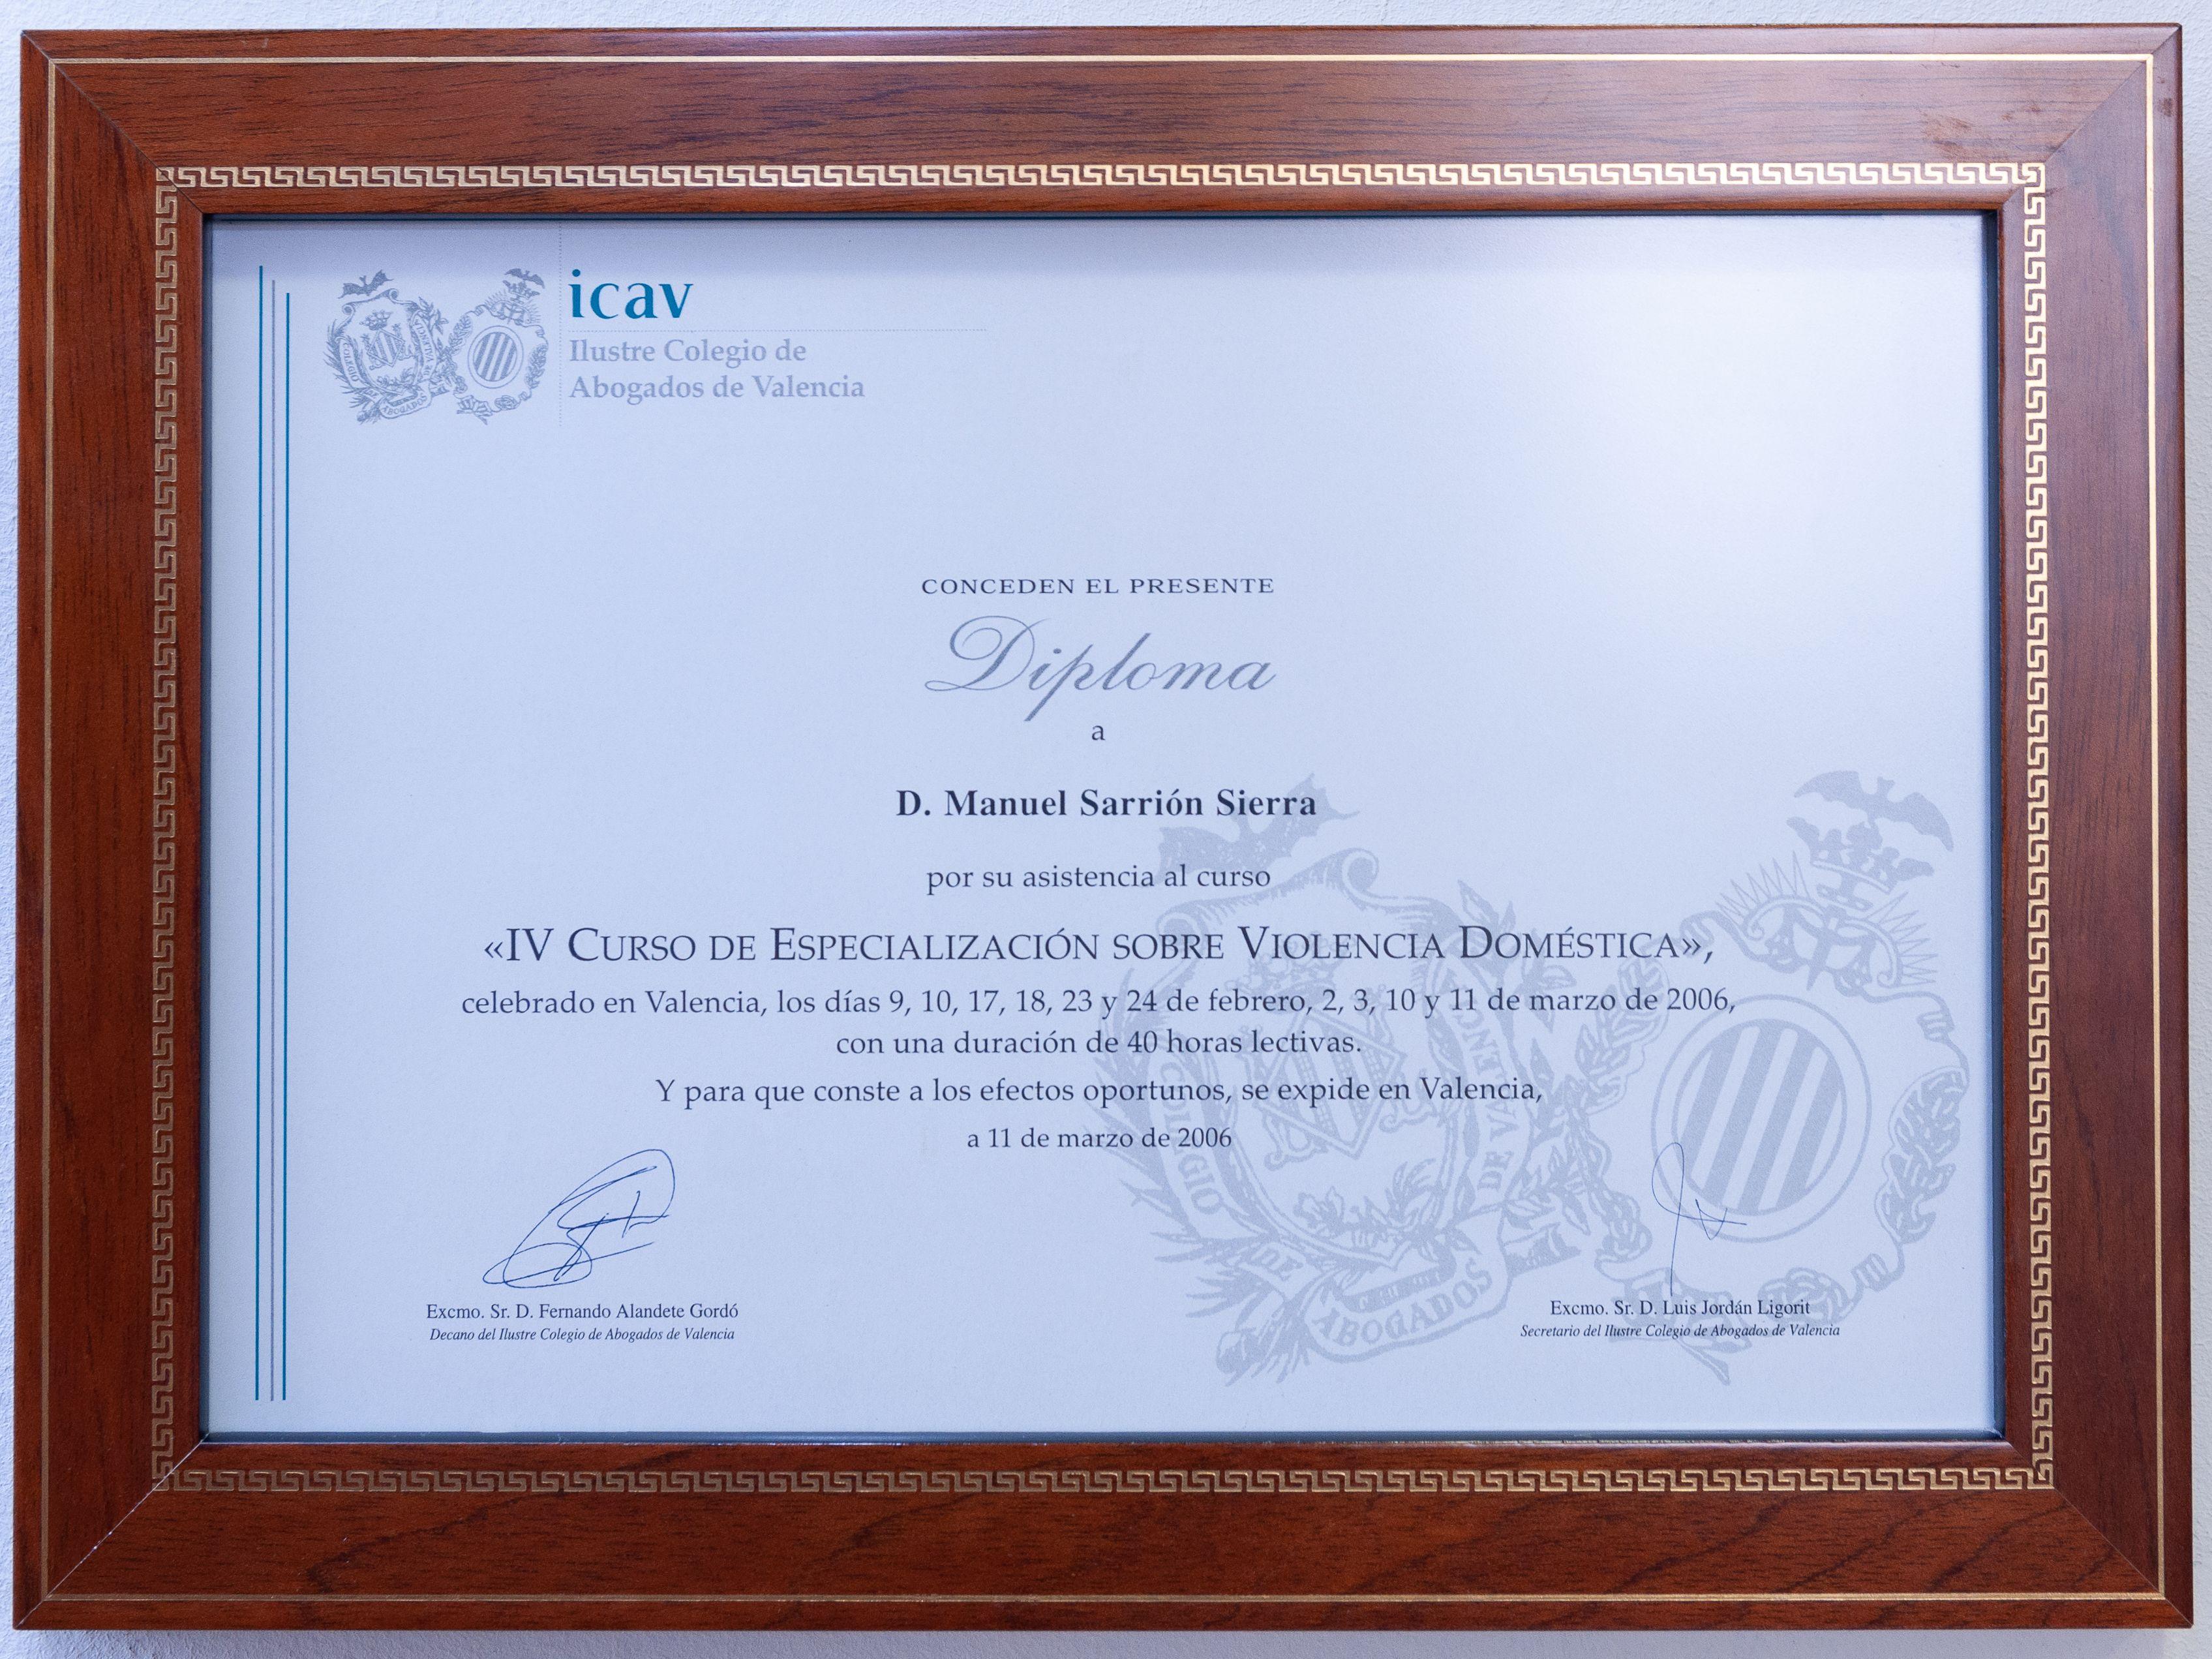 Diploma Cases de Dret Torrent